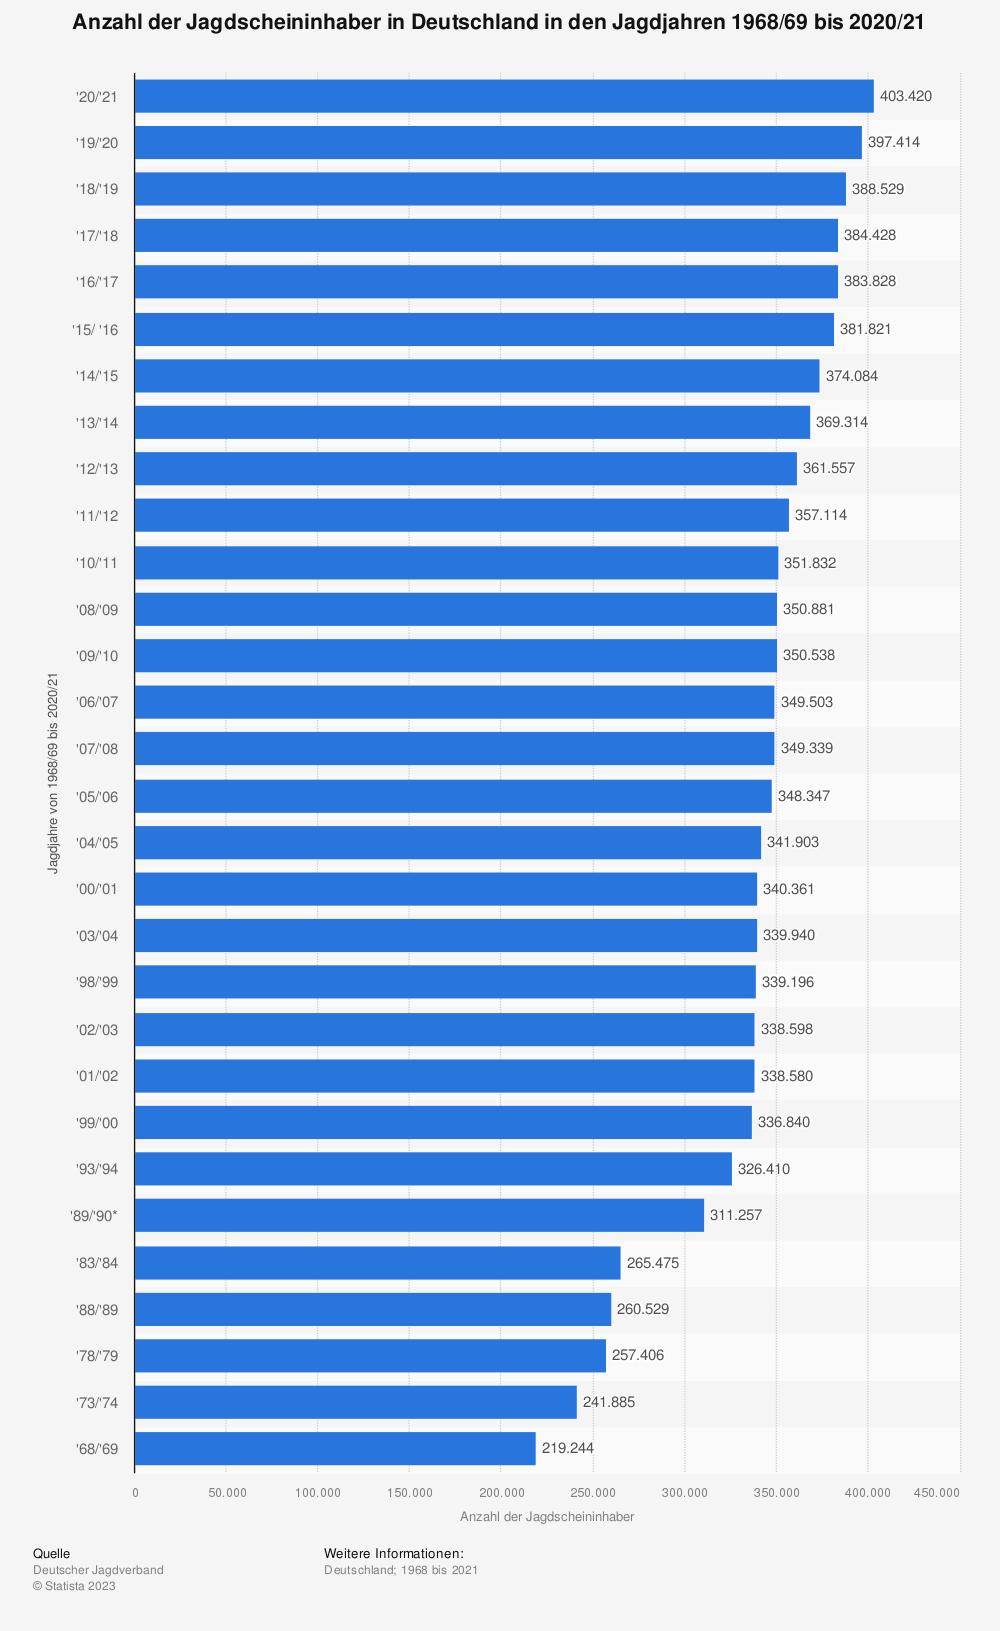 Statistik: Anzahl der Jagdscheininhaber in Deutschland in den Jagdjahren 1968/69 bis 2017/18 | Statista